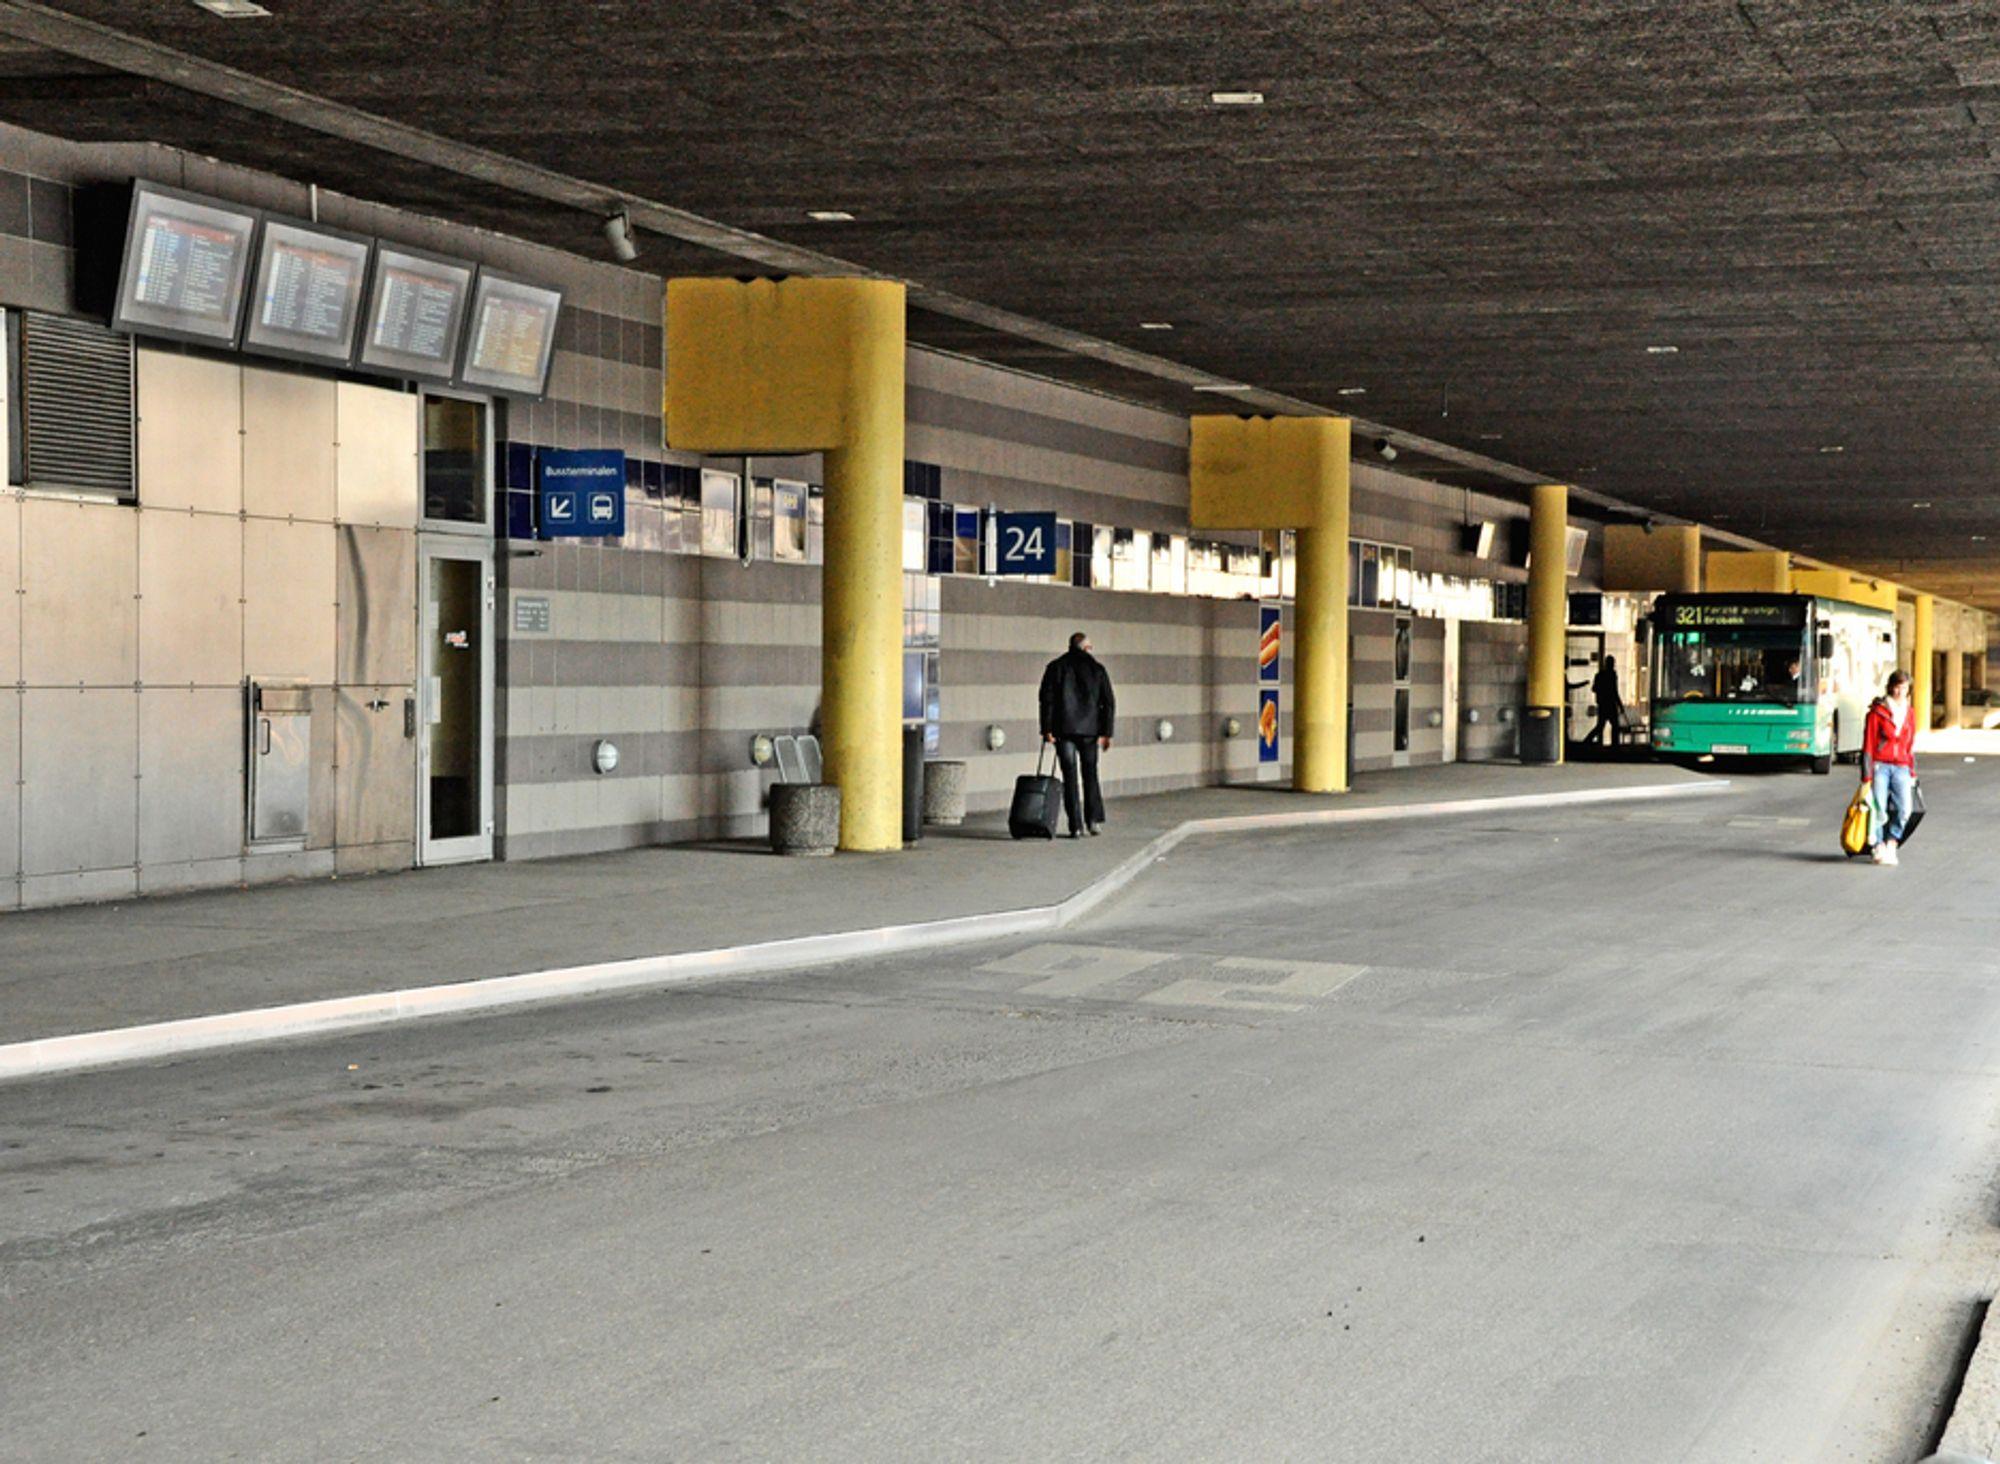 Den kalde og avvisende veggen som møter busspassasjerene i dag, blir erstattet med glassfasader. Ombyggingen av terminalen skal være ferdig i løpet av februar neste år.